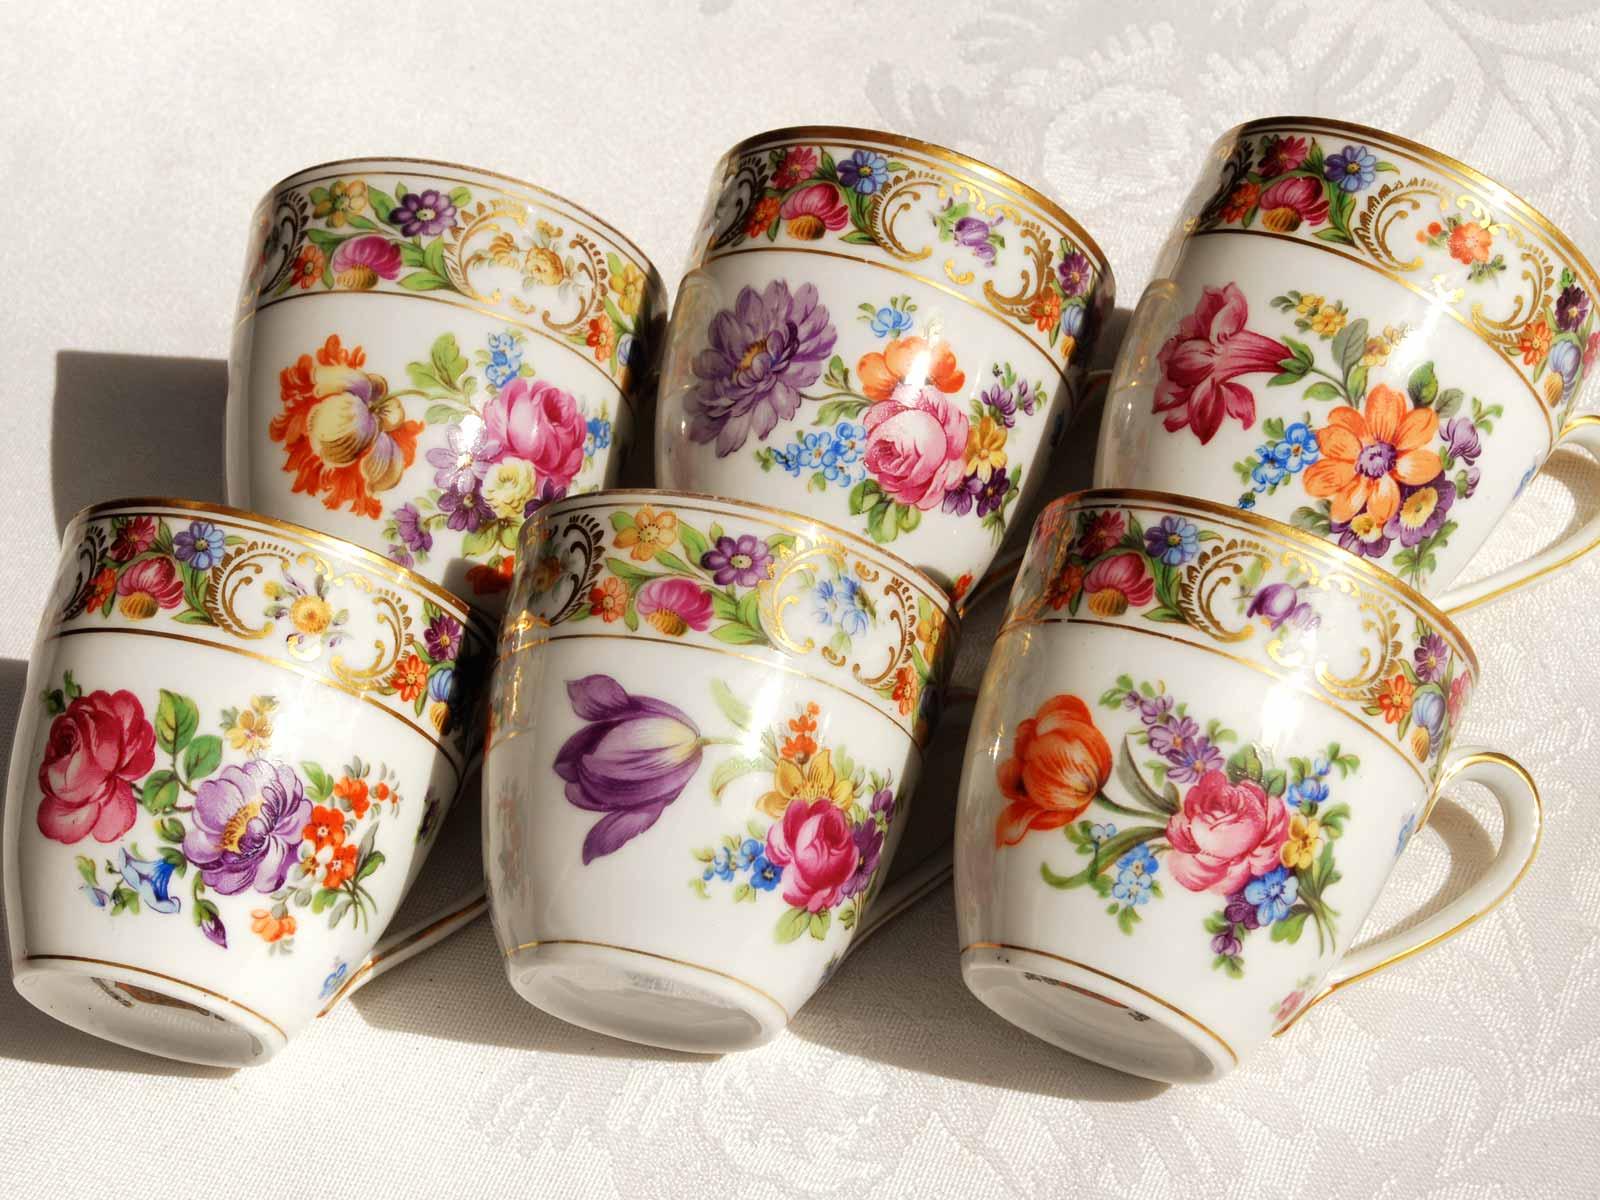 Schumann Bavaria Teacup designs